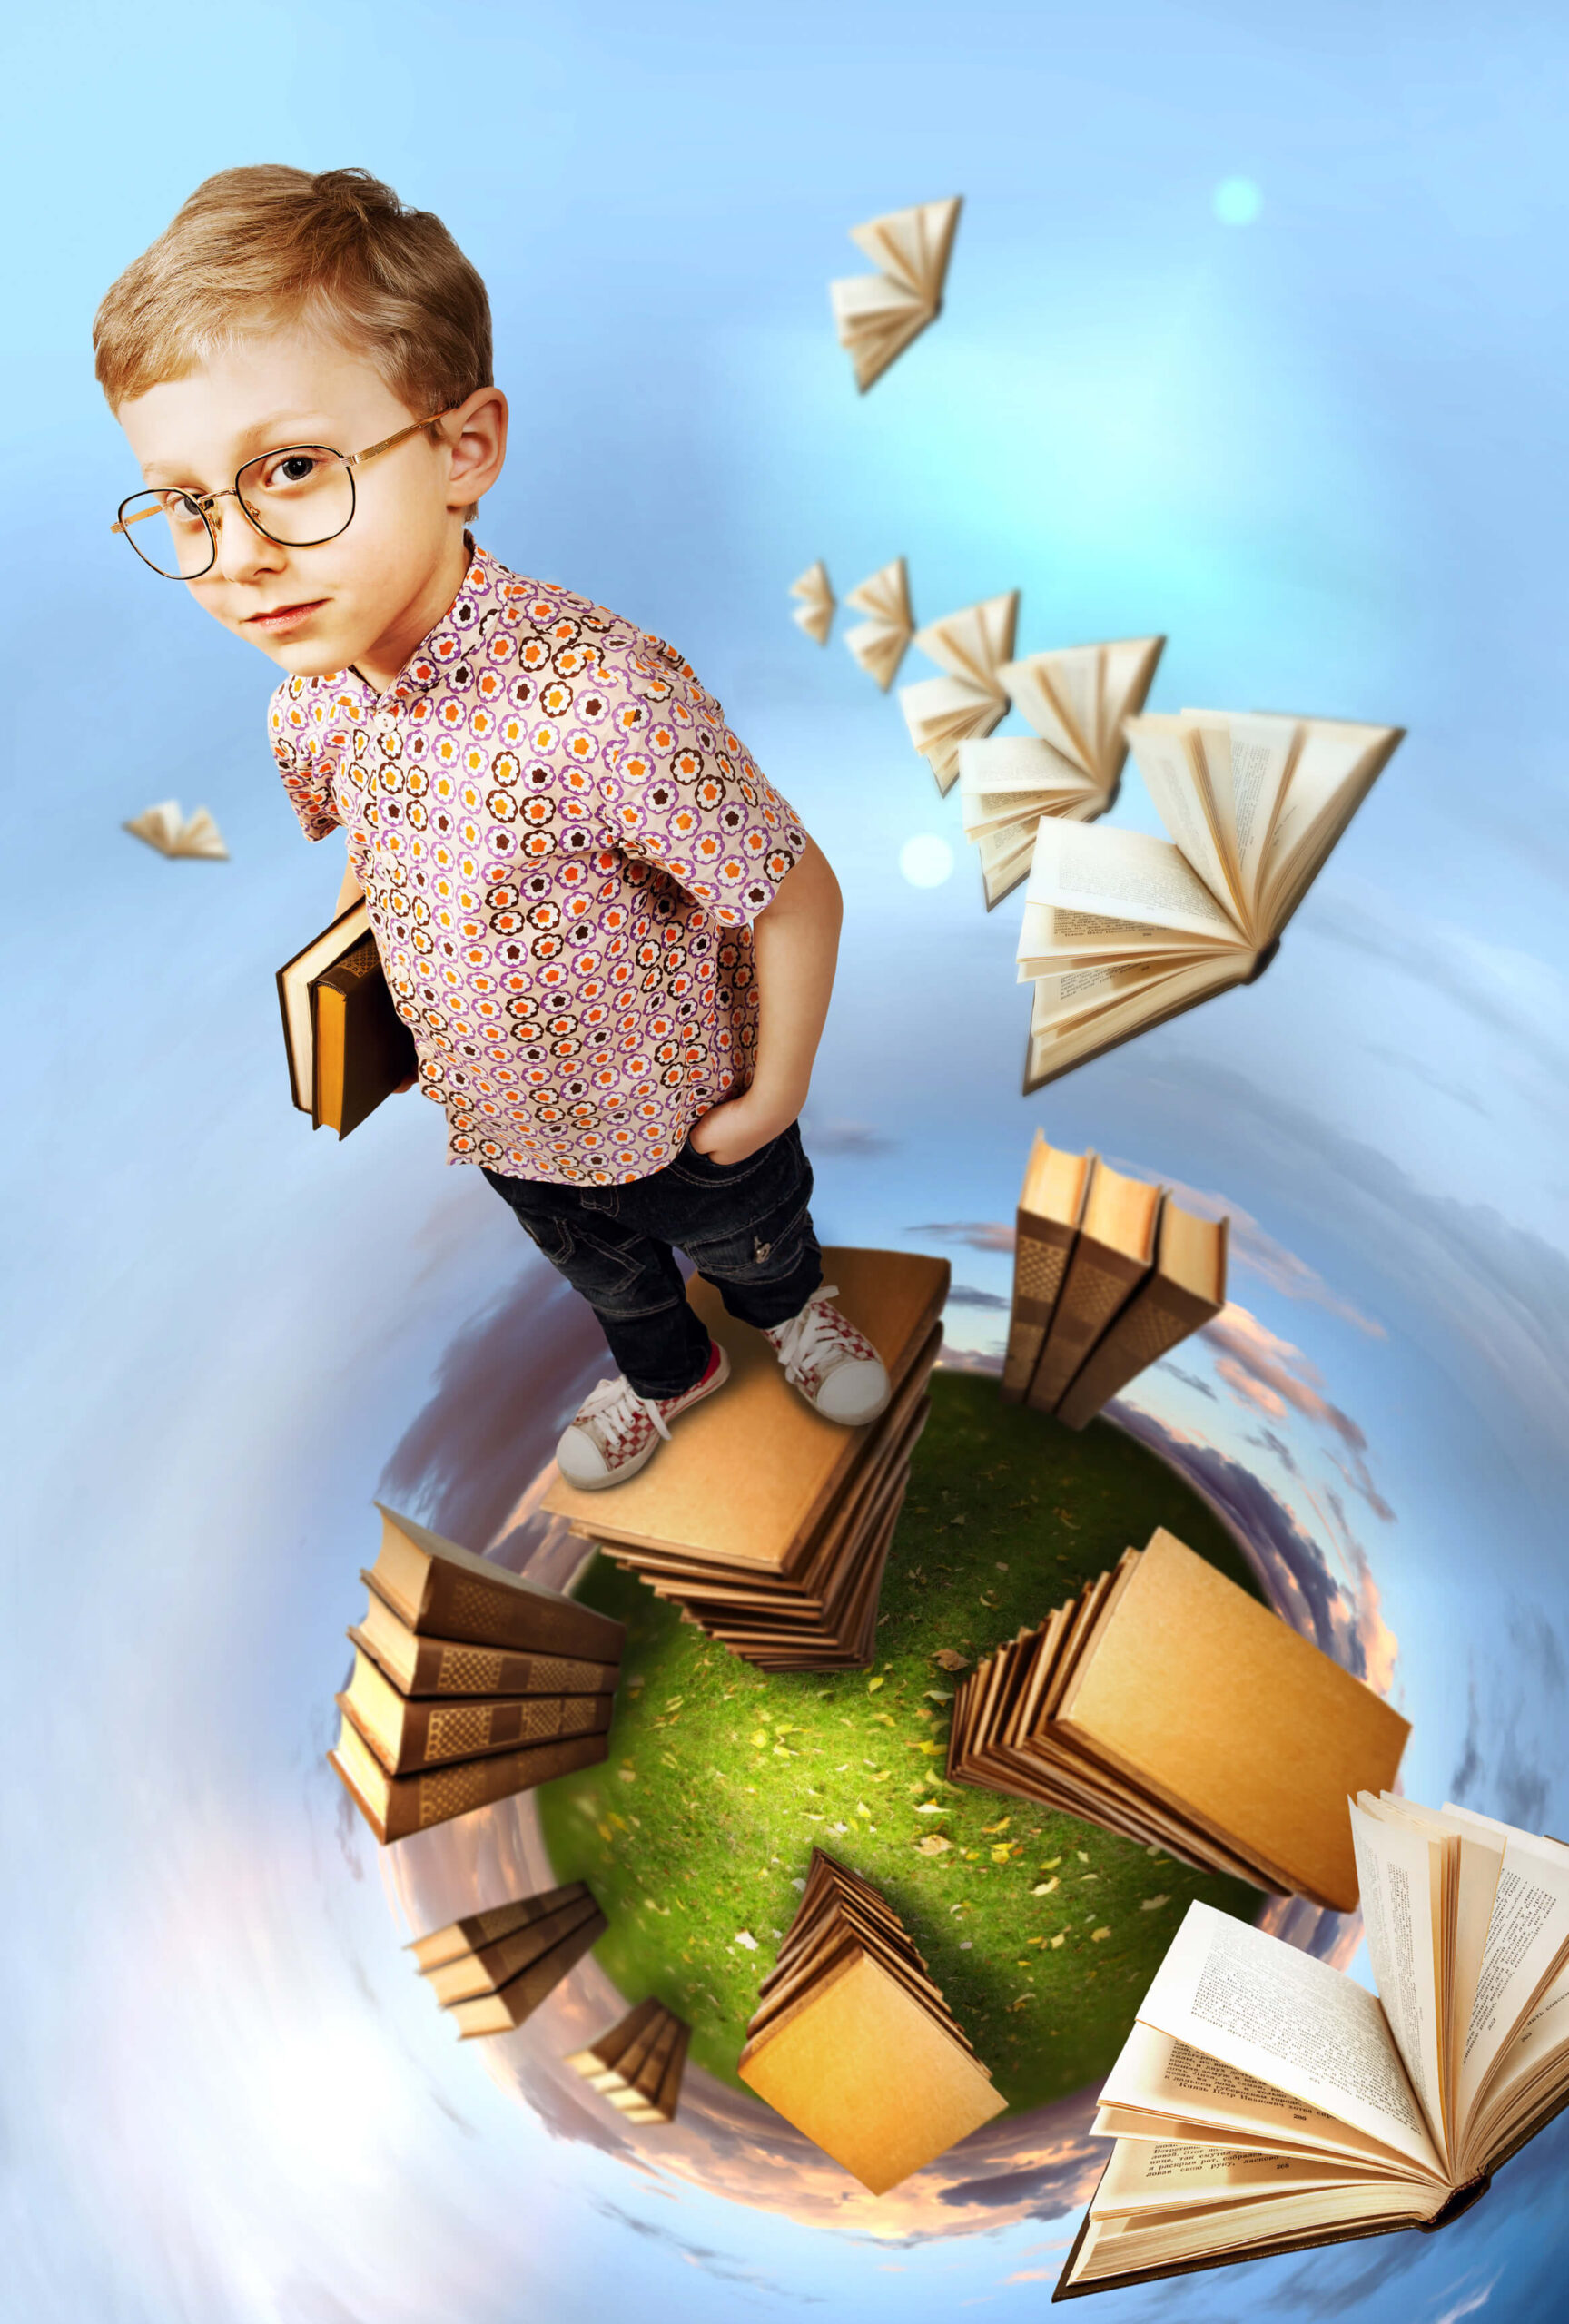 62 Kids' Books from Around the World